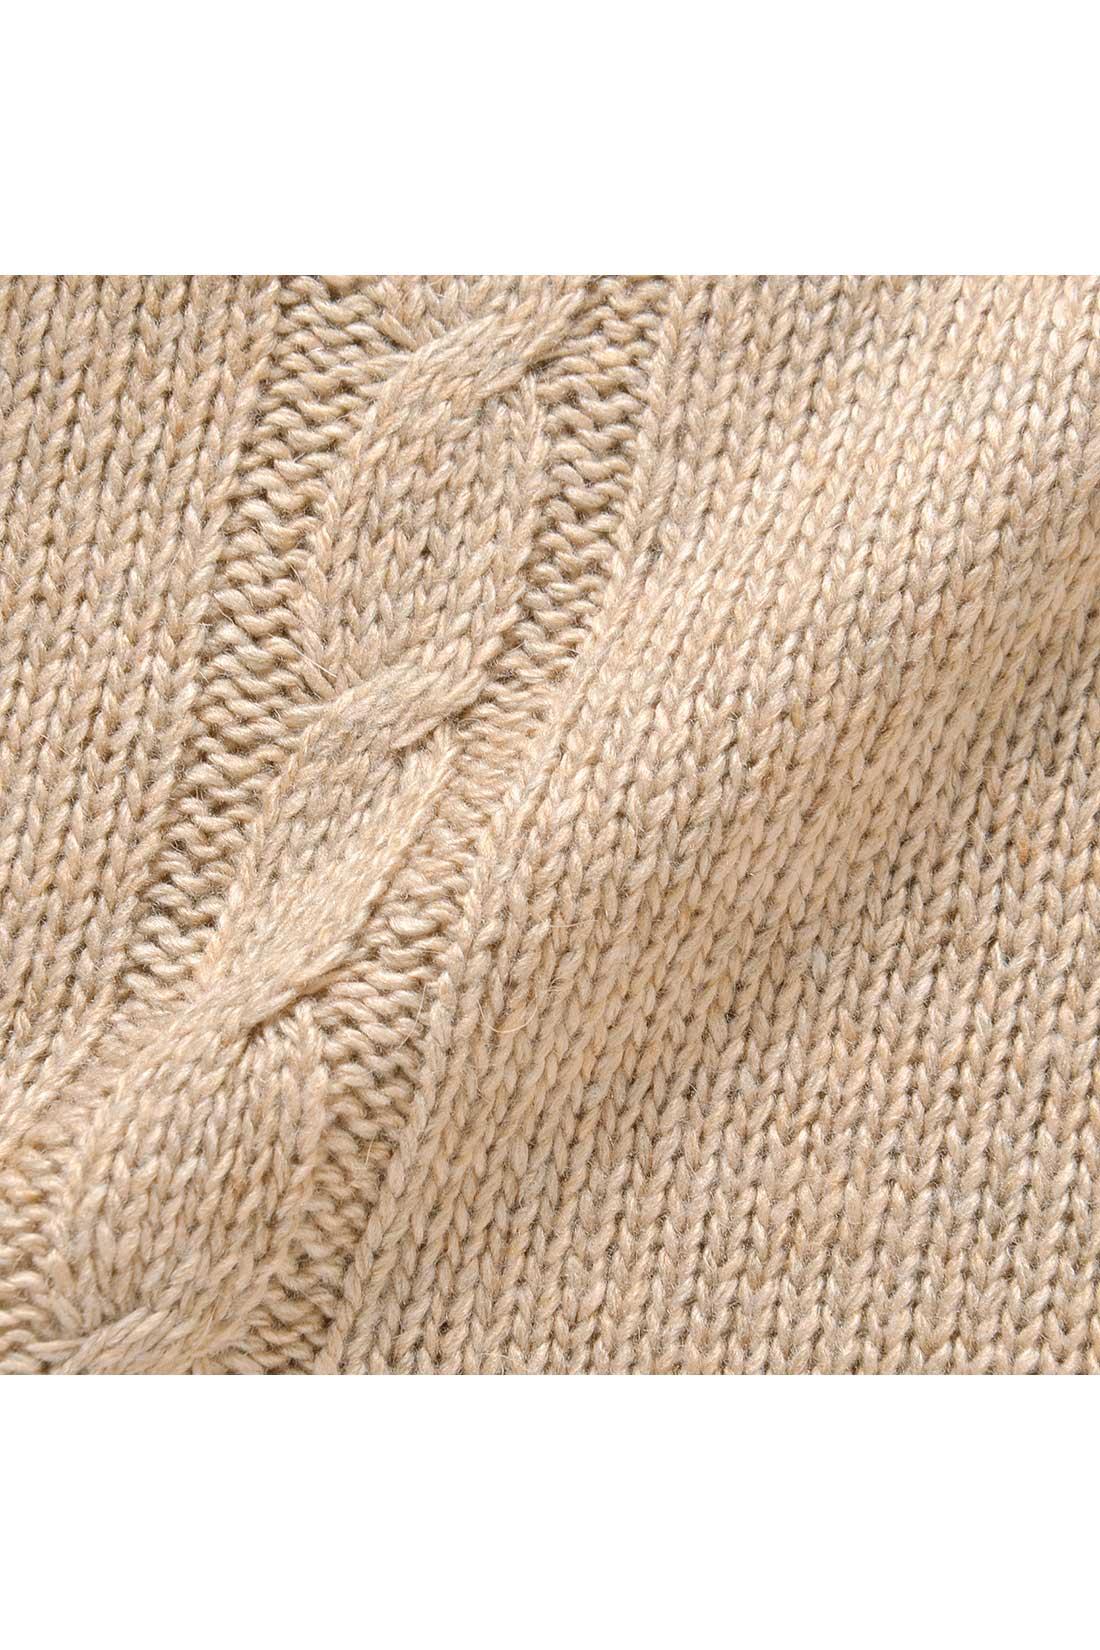 細く短い毛を集め、毛足が出ることをおさえたのが「ディヘアアンゴラ」。このチクチクしにくく抜けにくいディヘアアンゴラを混ぜたぜいたくな五斜混素材は暖かで、家で洗えてケアも手軽。